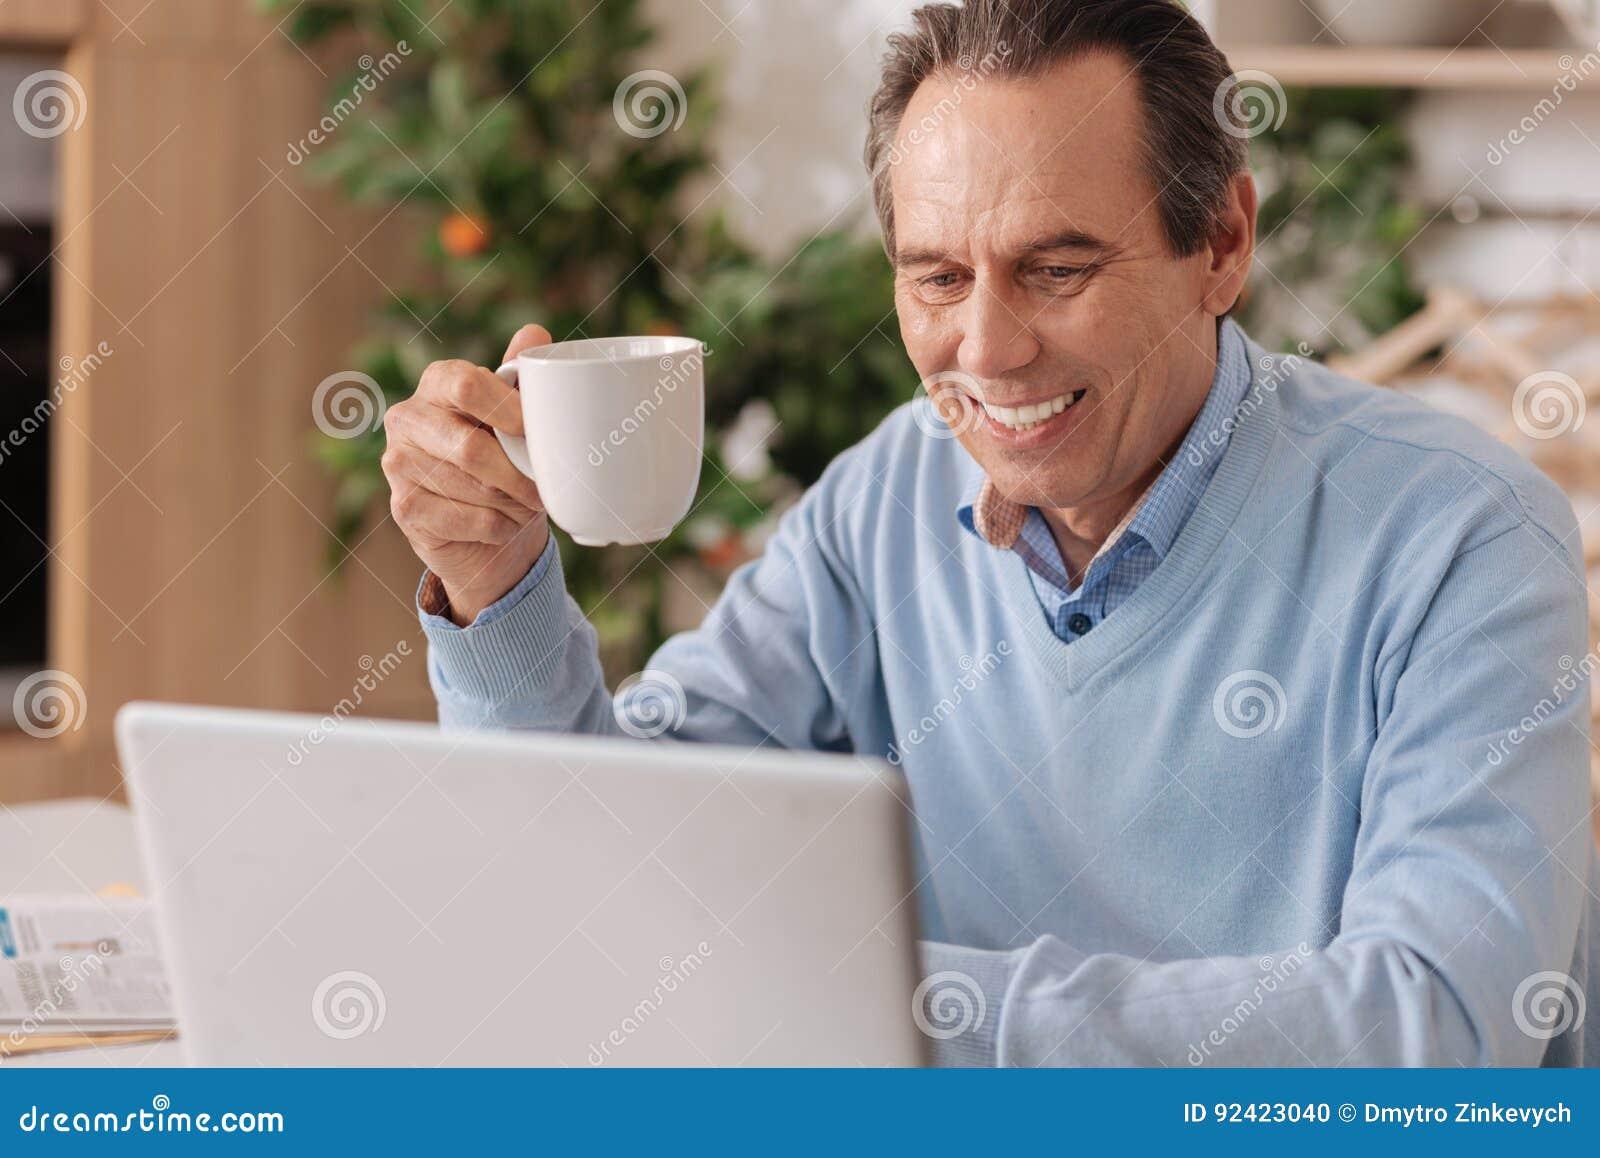 Homem aposentado feliz que usa o dispositivo eletrônico em casa